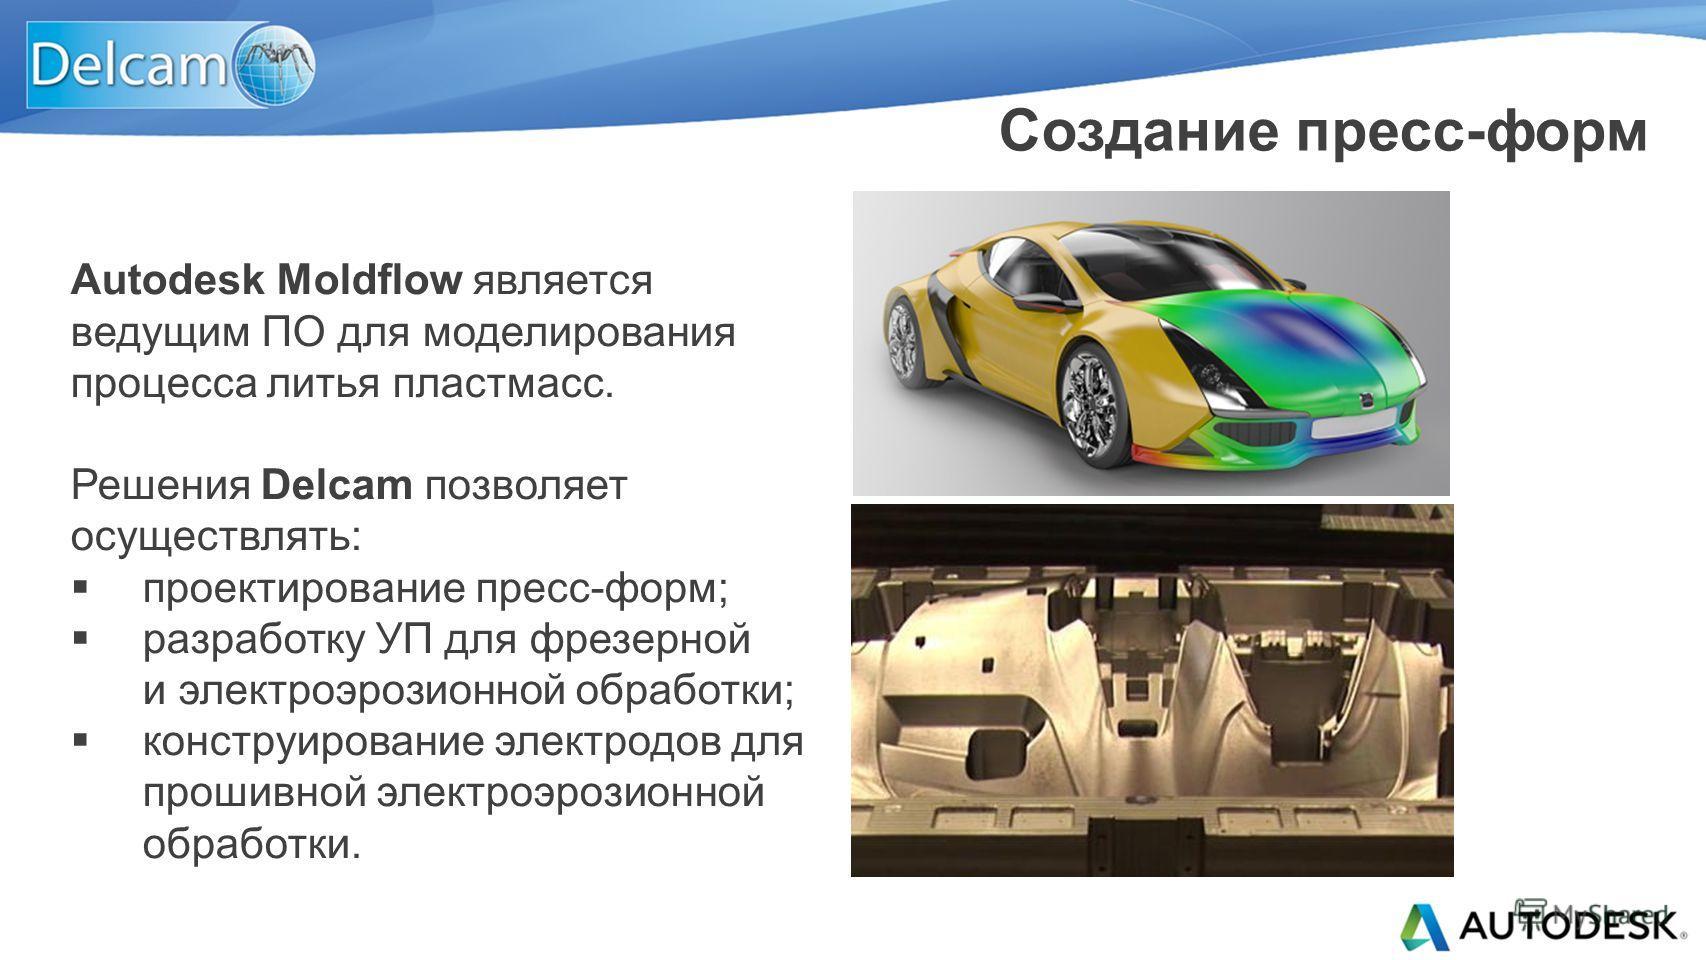 Autodesk Moldflow является ведущим ПО для моделирования процесса литья пластмасс. Решения Delcam позволяет осуществлять: проектирование пресс-форм; разработку УП для фрезерной и электроэрозионной обработки; конструирование электродов для прошивной эл